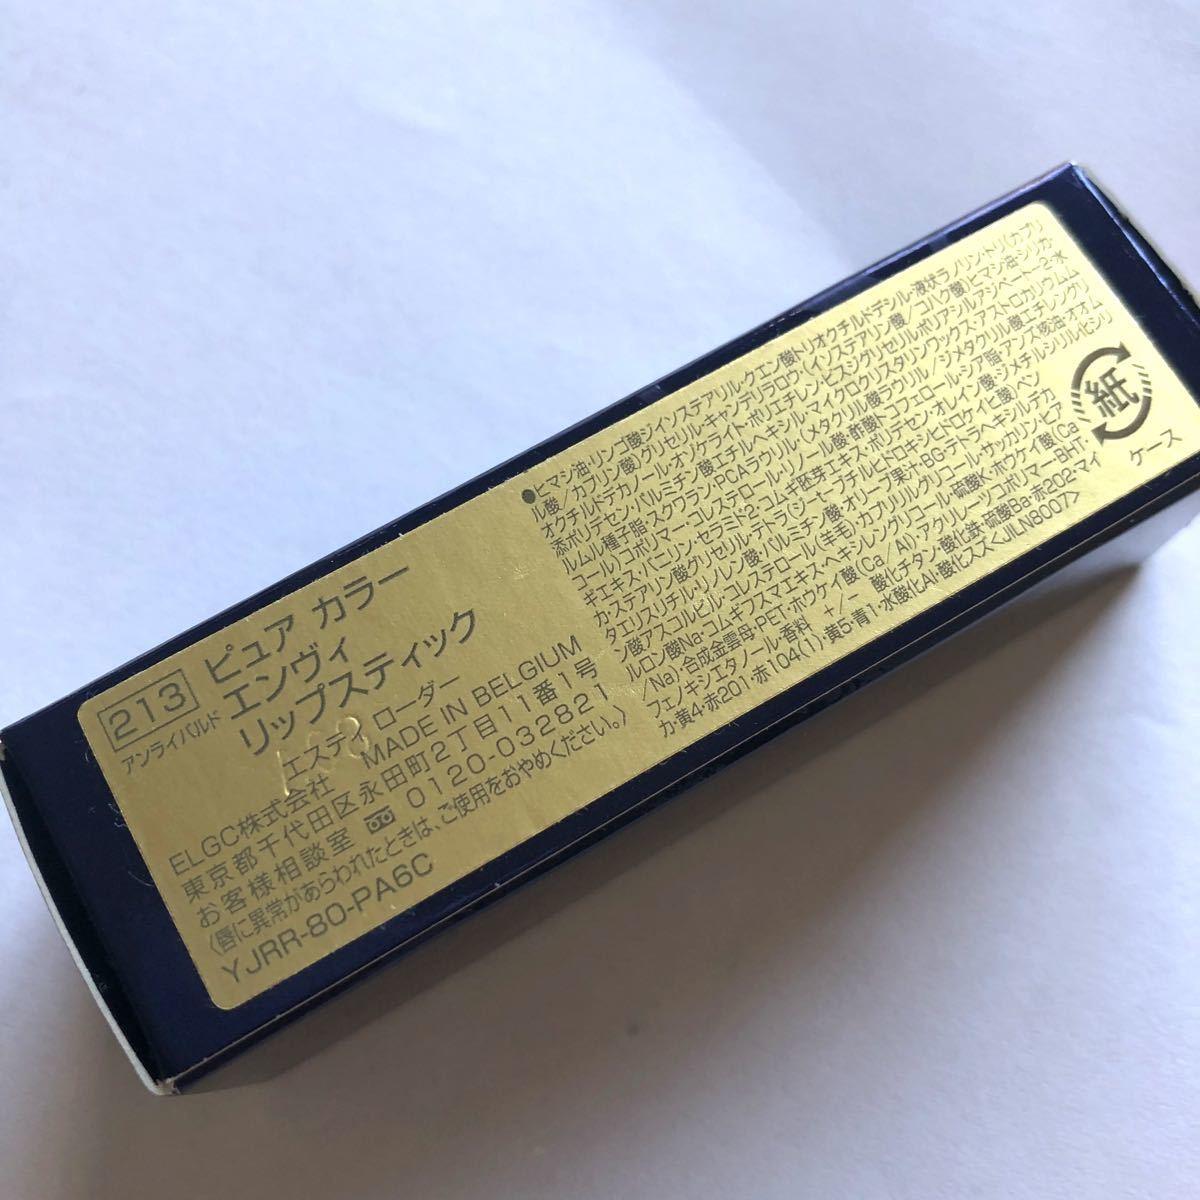 エスティ ローダー ピュア カラー エンヴィ リップスティック 213 アンライバルド 3.5g